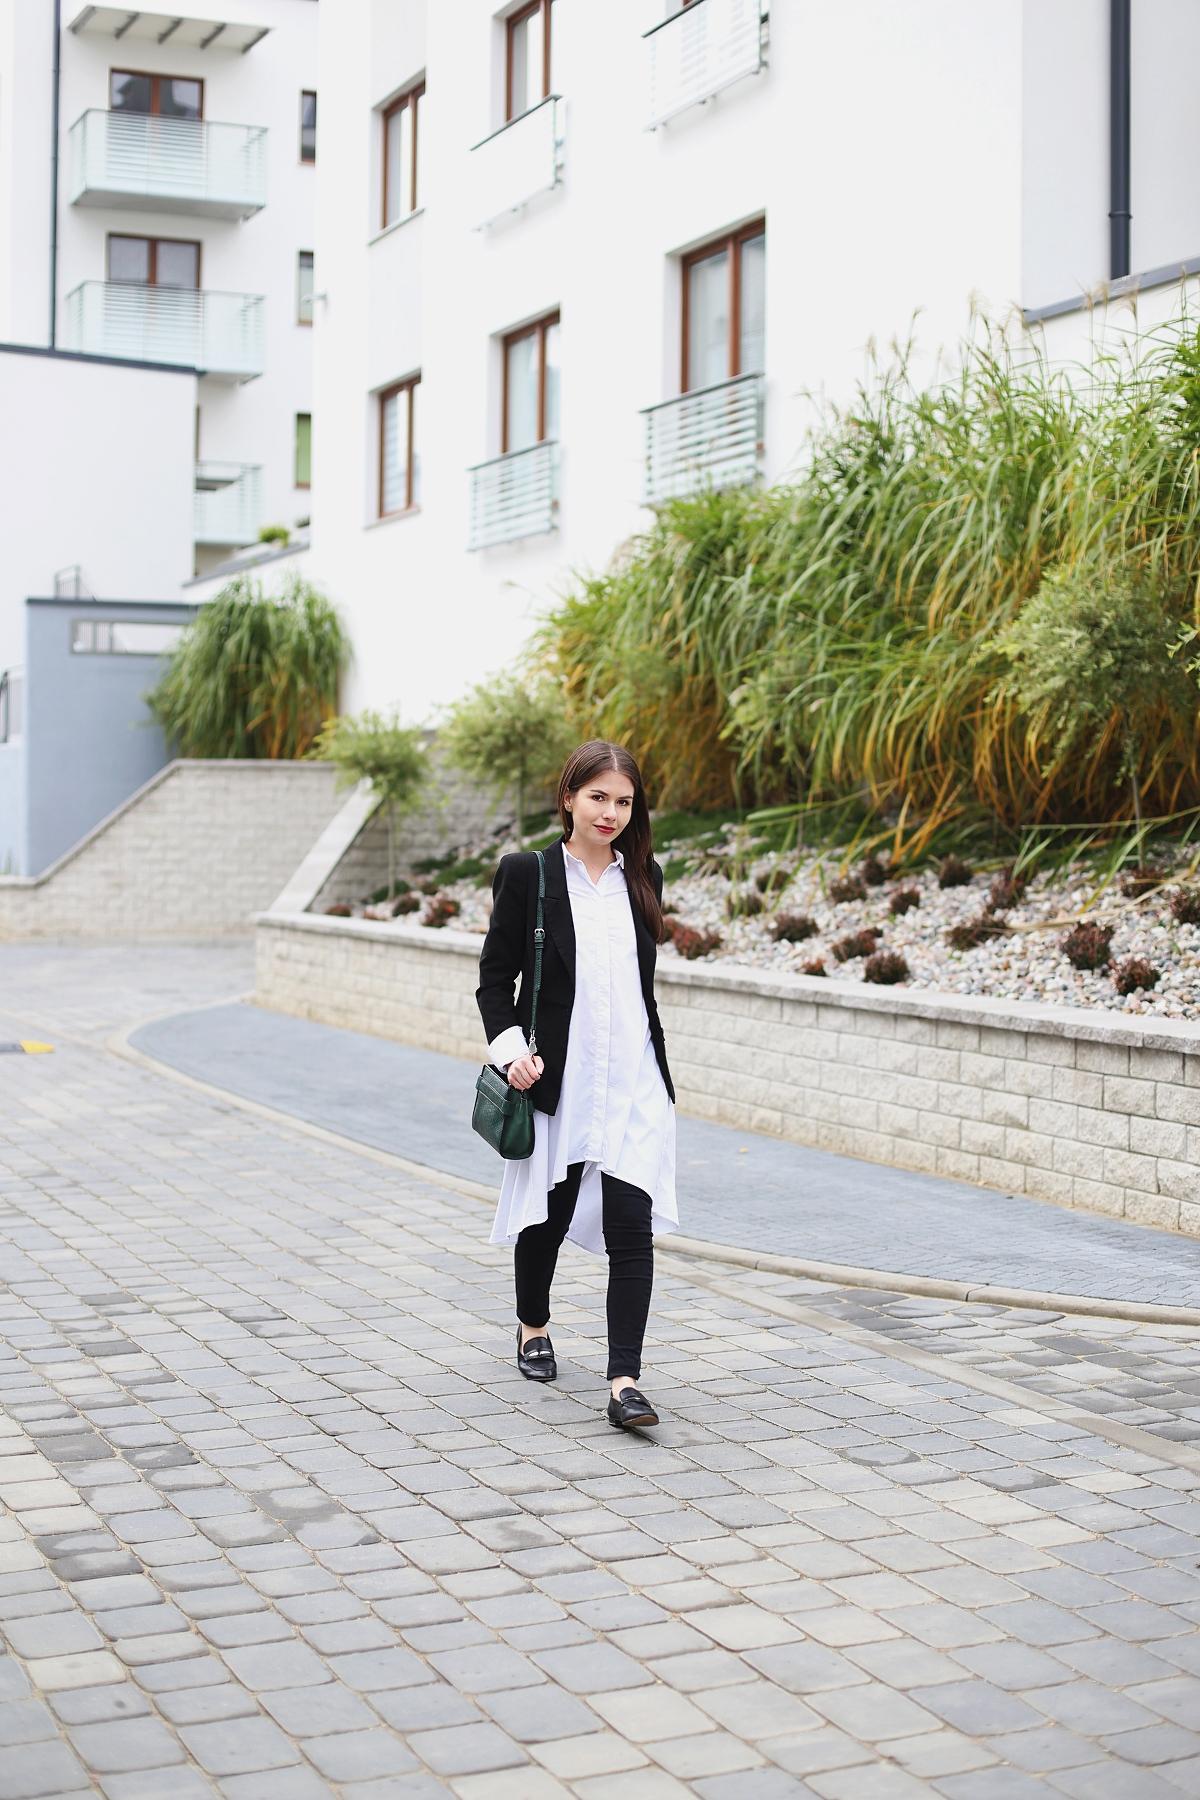 Biała rozkloszowana koszula, mokasyny i zielona torebka